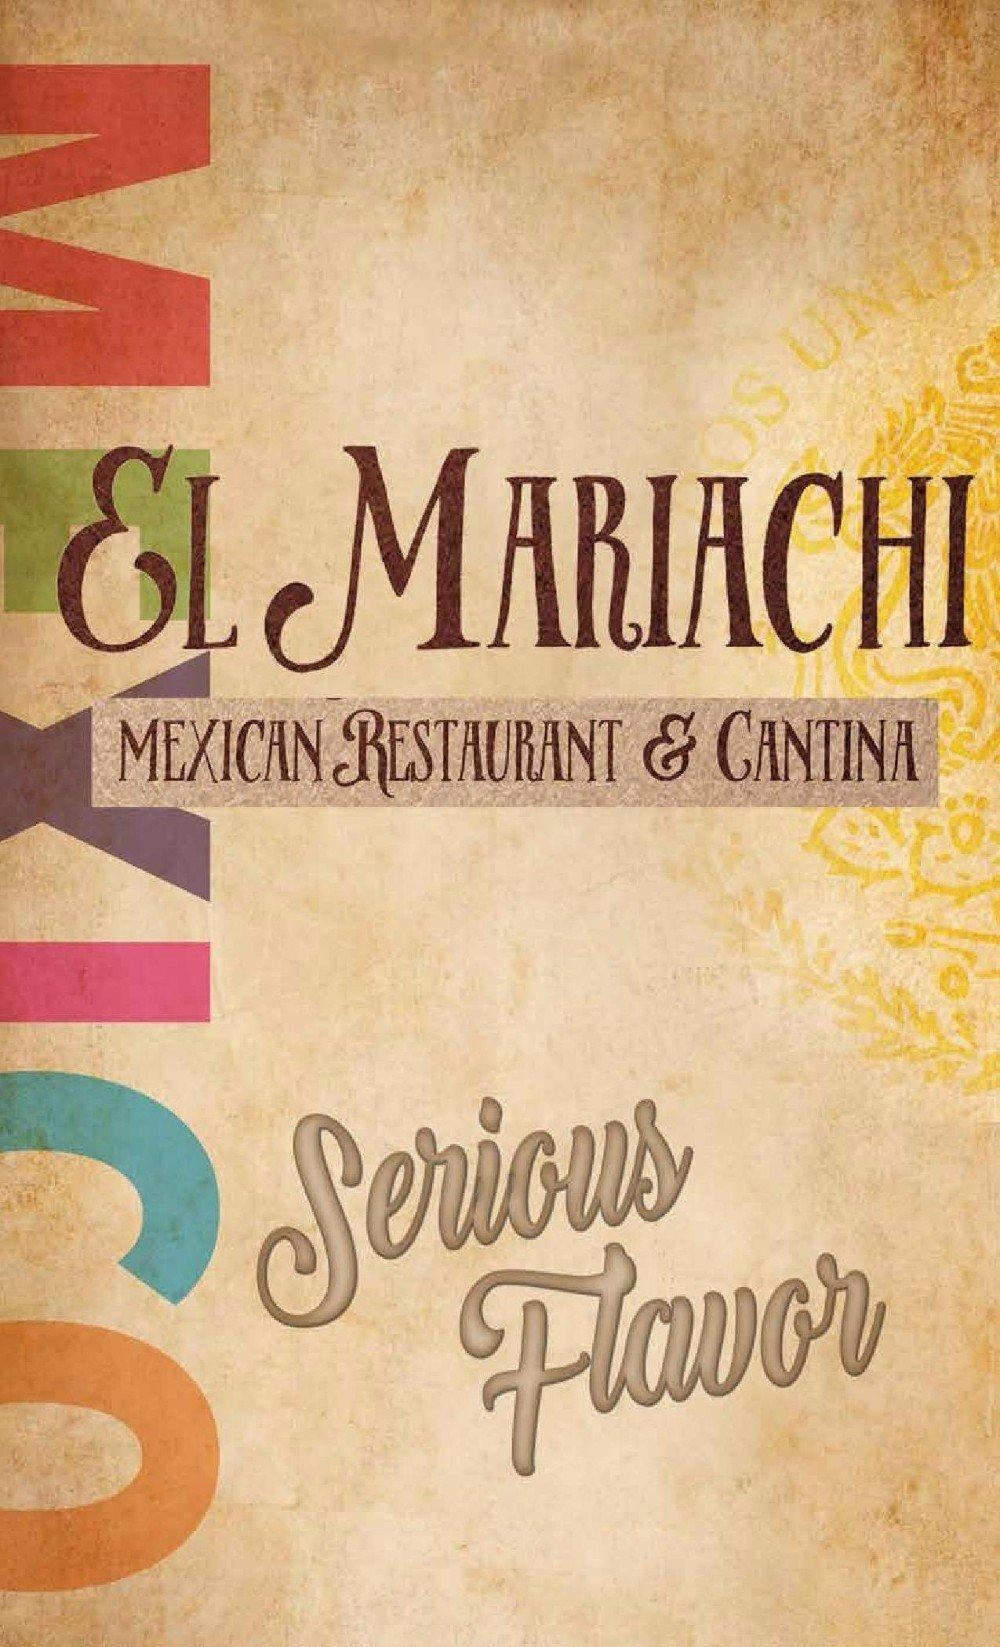 El Mariachi #2 Mexican Restaurant & Cantina